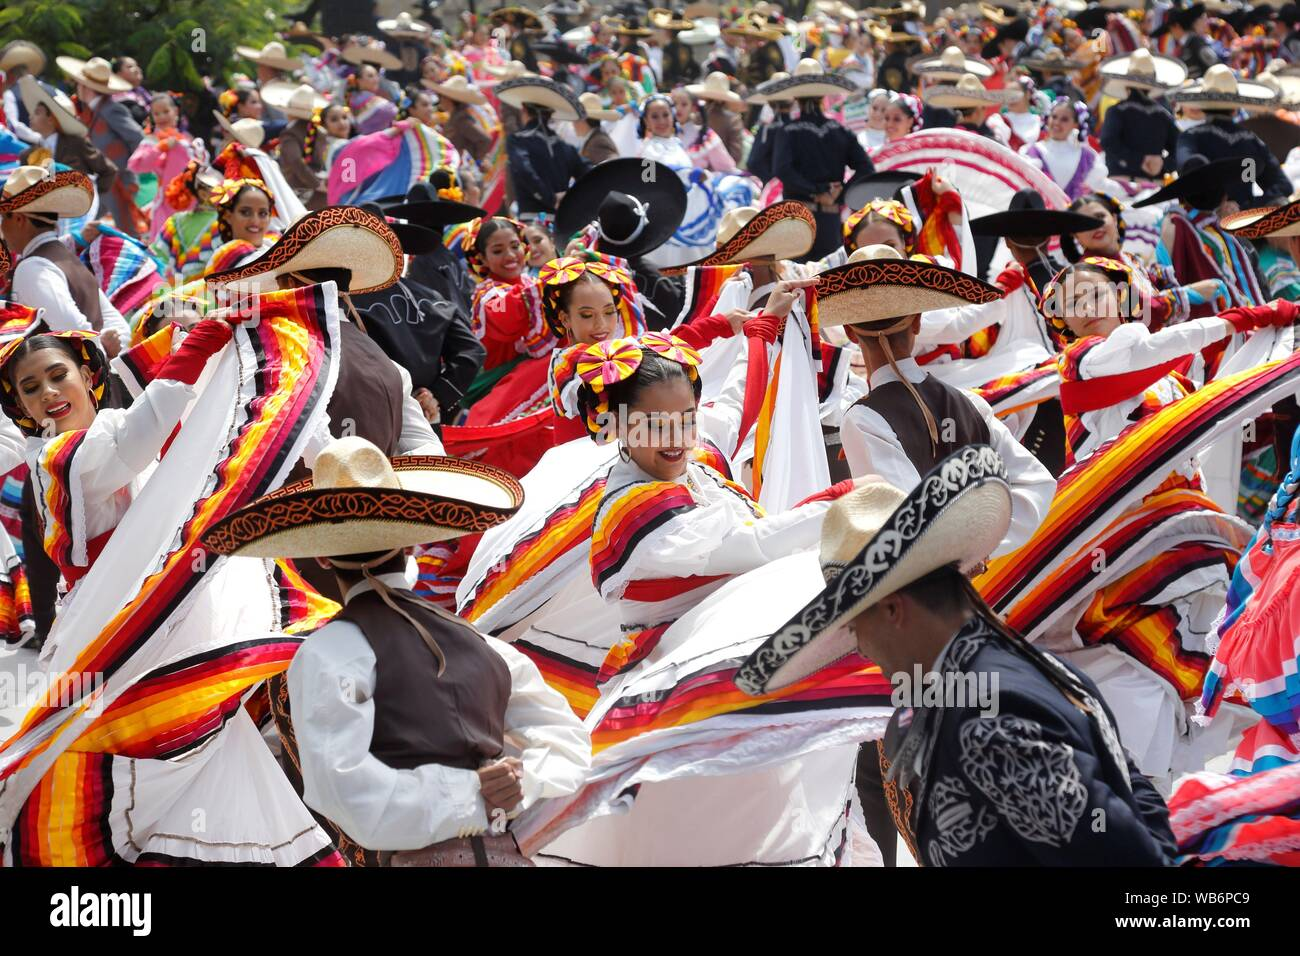 Guadalajara, México. El 25 de agosto, 2019. Unos 882 bailarines rompió el récord Guinness de más grande del mundo de la danza folclórica en Guadalajara, México, 24 de agosto de 2019, como parte del Mariachi y la charreria Reunión Internacional que se celebra hasta el 2 de septiembre. Vestida con trajes tradicionales, los bailarines de todas las edades bailaban al ritmo de la canción tradicional mexicana 'El jarabe tapatío', un icono de esta ciudad, interpretado por un grupo de mariachis que asisten a esta reunión anual. EFE/ Francisco Guasco Crédito: Agencia de Noticias EFE/Alamy Live News Foto de stock